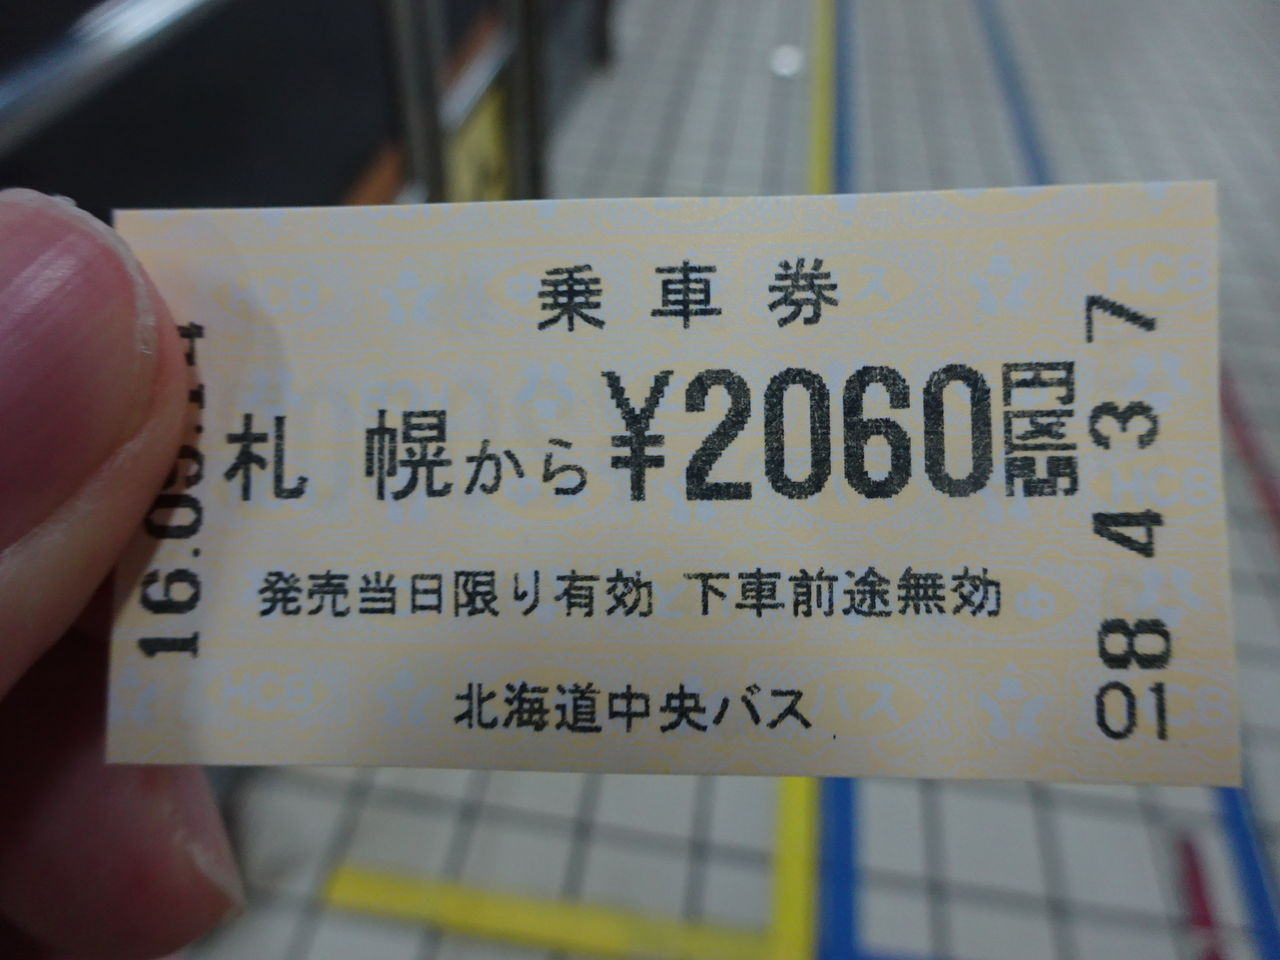 高速あさひかわ号 時刻表